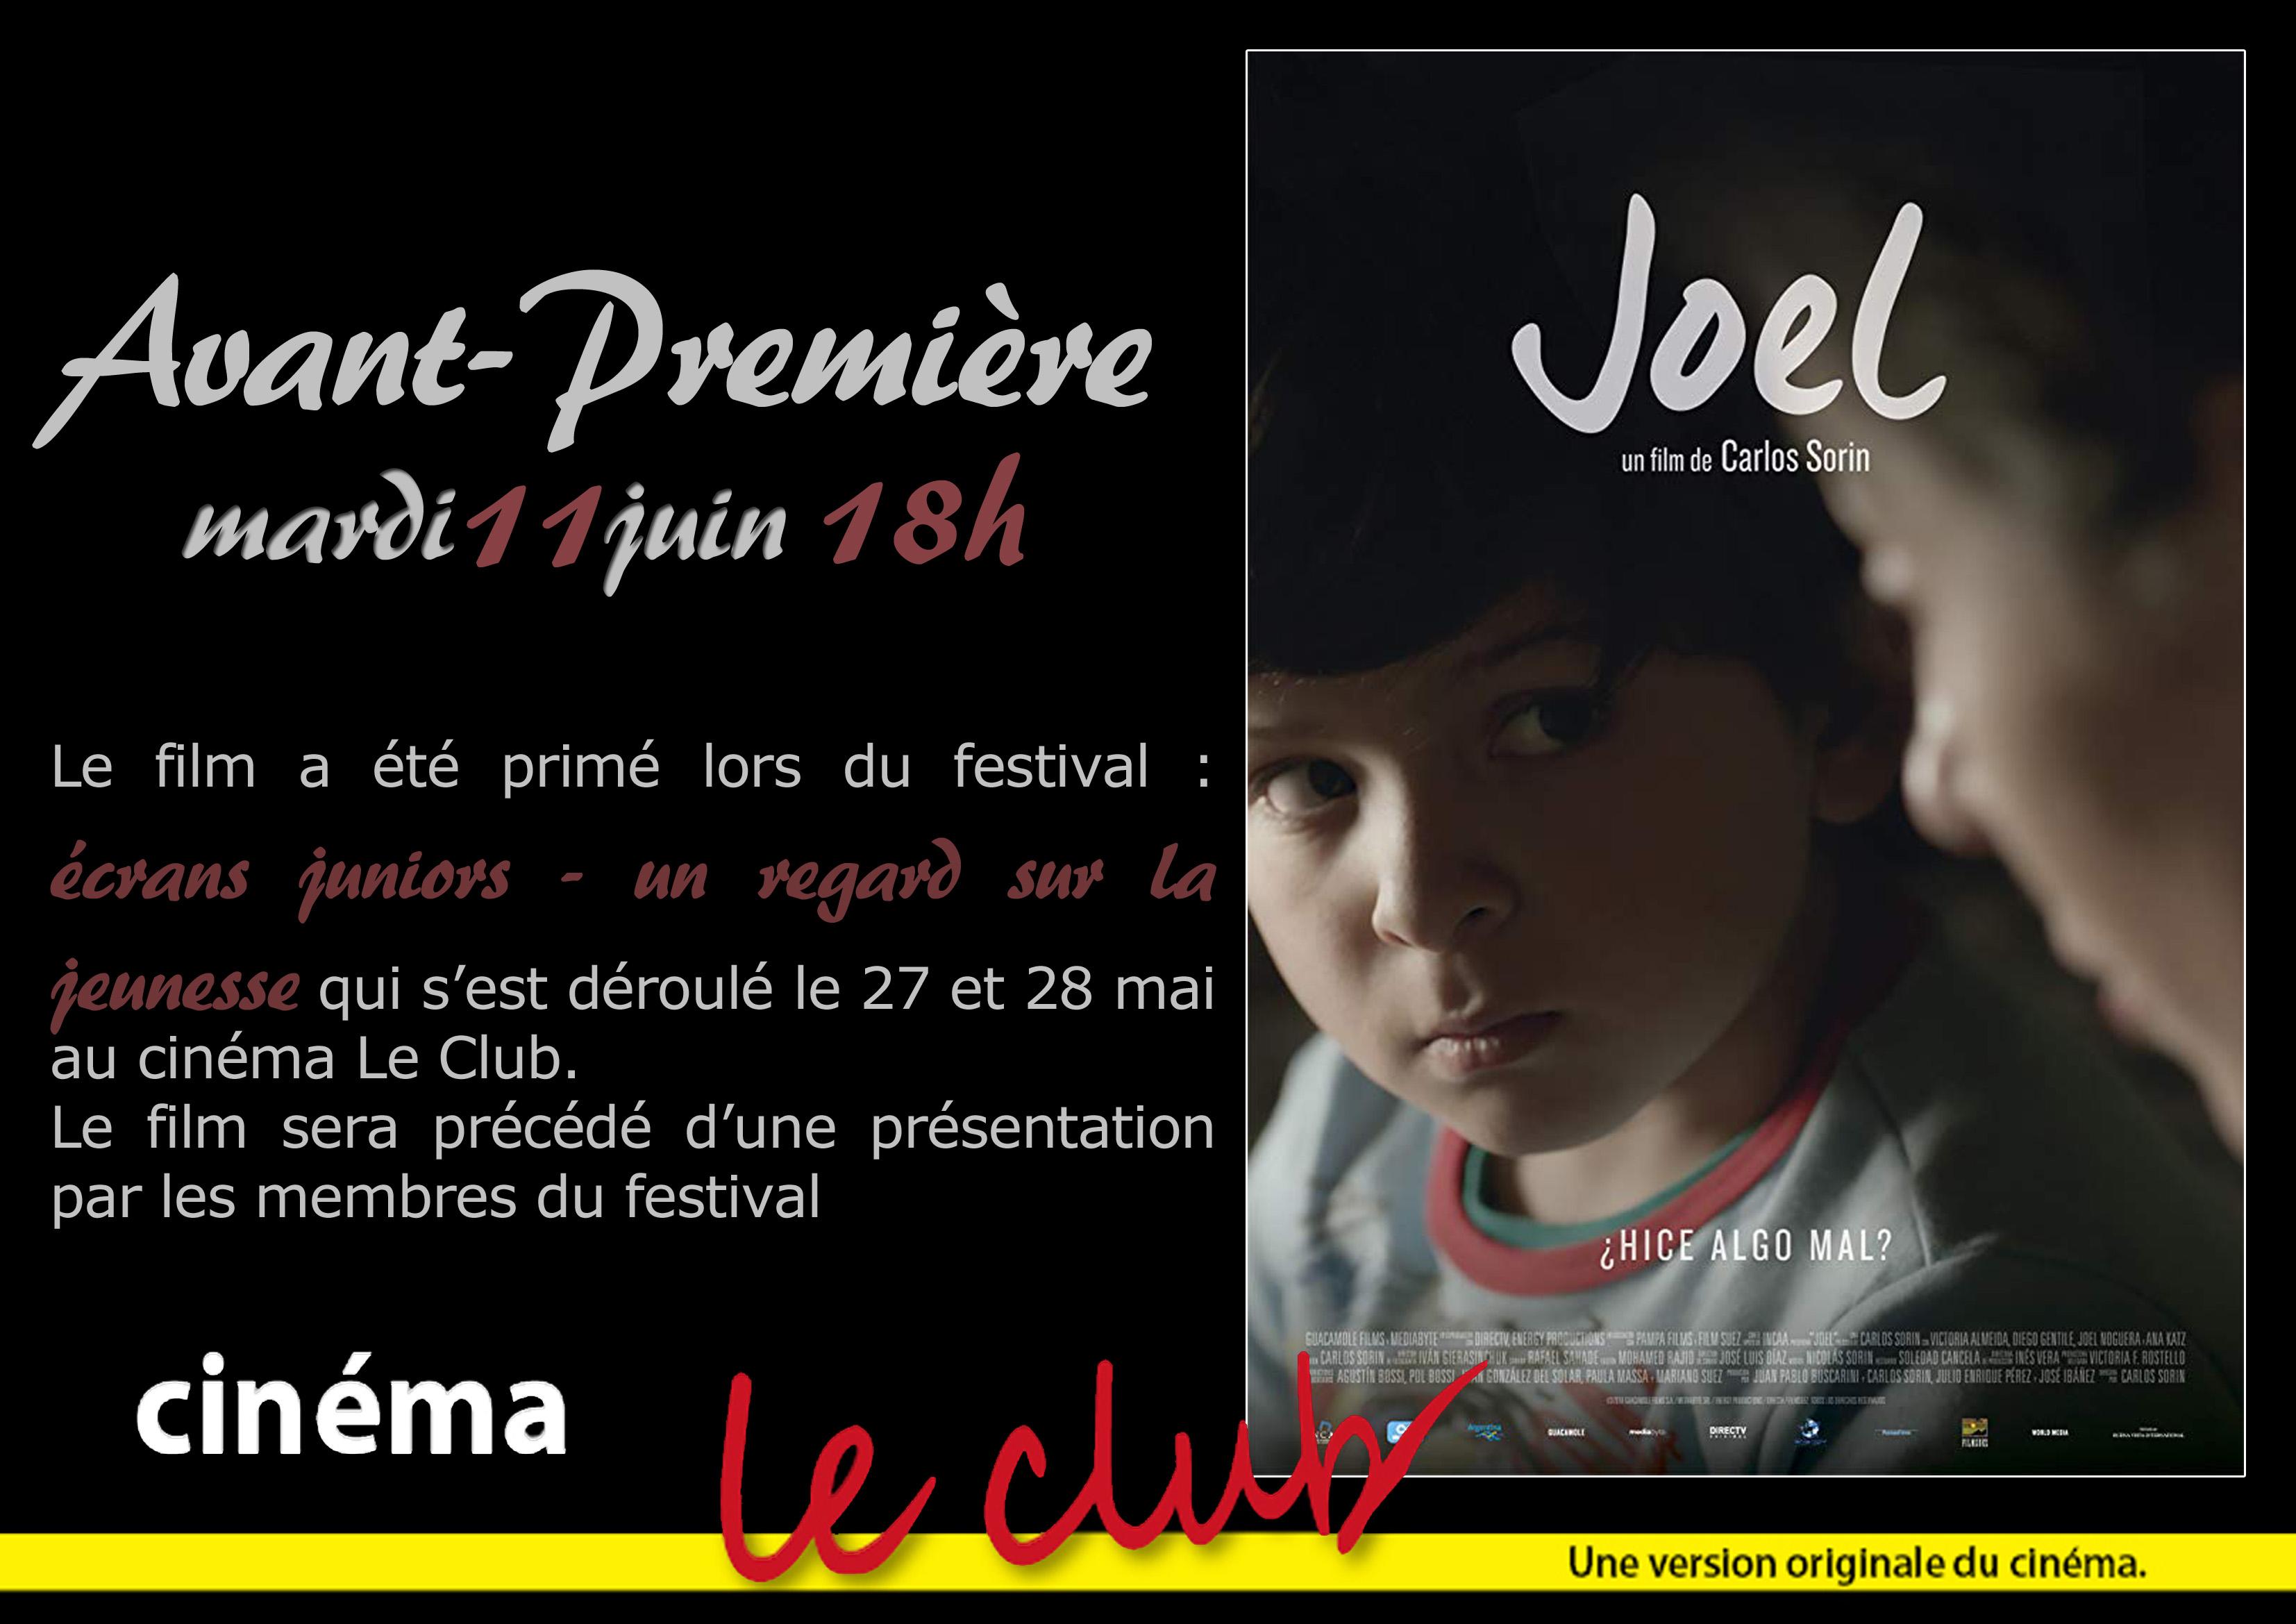 GRATUIT TÉLÉCHARGER FILM 1000 GRATUITEMENT MABROUK